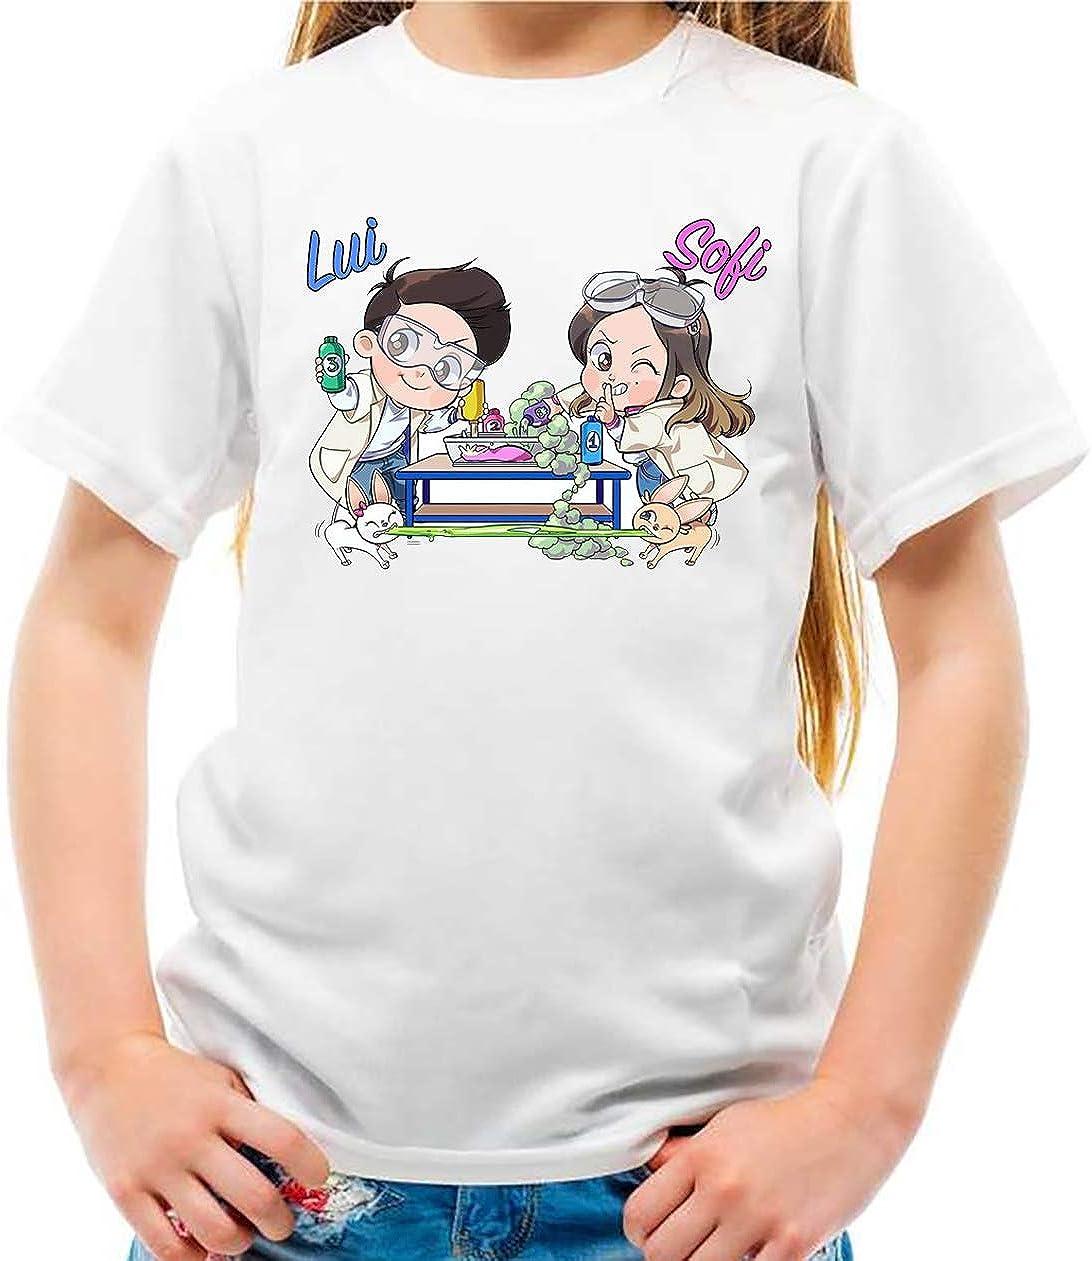 Maglietta dei me slime lab contro bambino te bambina di Lui e Sofi tshirt felpa